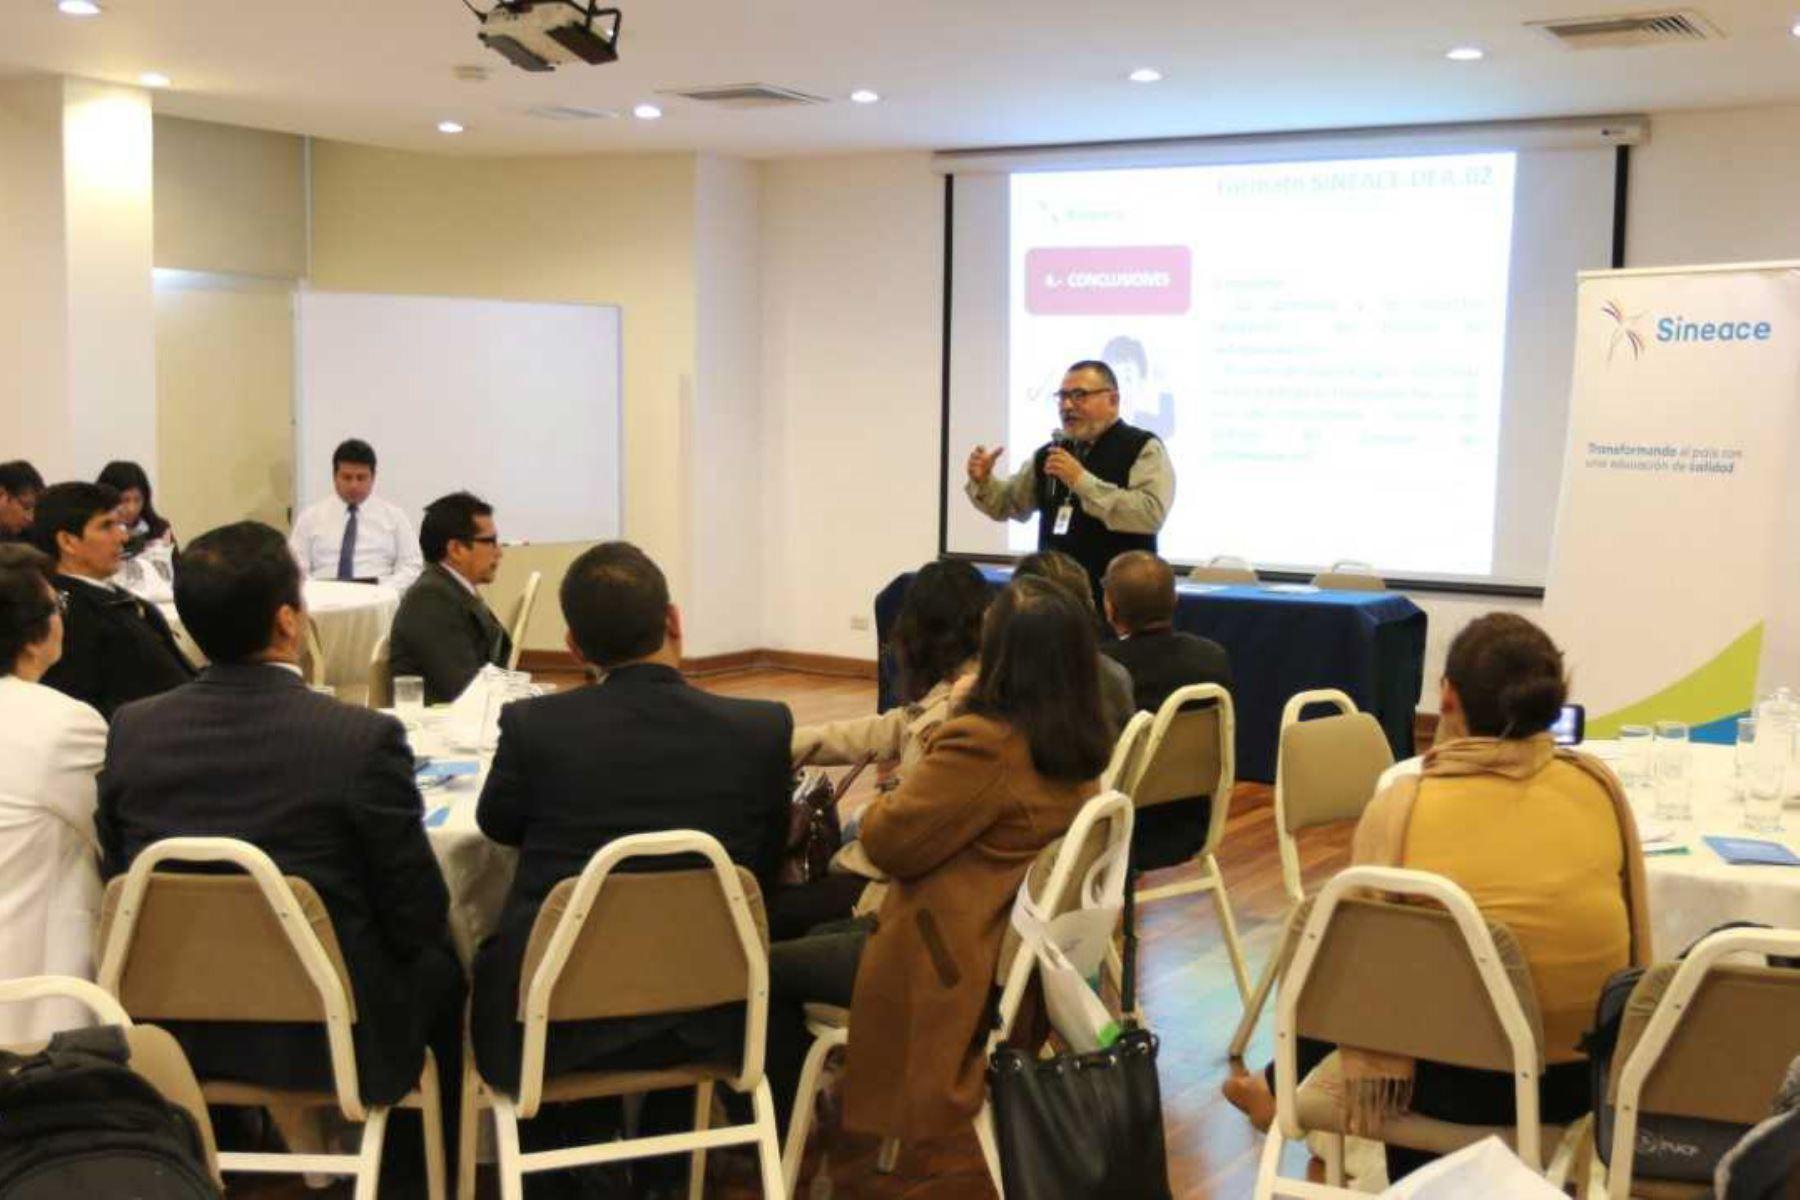 """Con el objetivo de fortalecer la calidad educativa de las universidades de la región Ayacucho, el Sistema Nacional de Evaluación, Acreditación y Certificación de la Calidad Educativa (Sineace), arribará a la """"ciudad de las iglesias"""" para capacitar a los comités de calidad en evaluación, mejora continua y acreditación."""